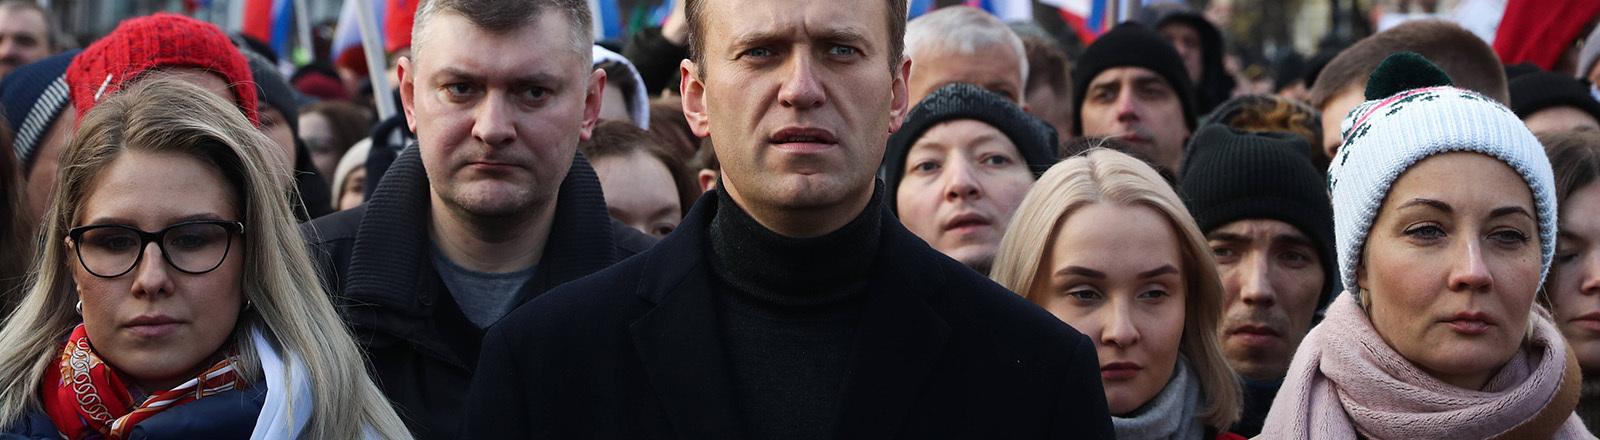 Der russische Oppositionspolitiker Alexej Navalny nimmt in Moskau an einem Trauermarsch zur Erinnerung an die Ermordung des Aktivisten Boris Nemzow teil. (29.02.2020)